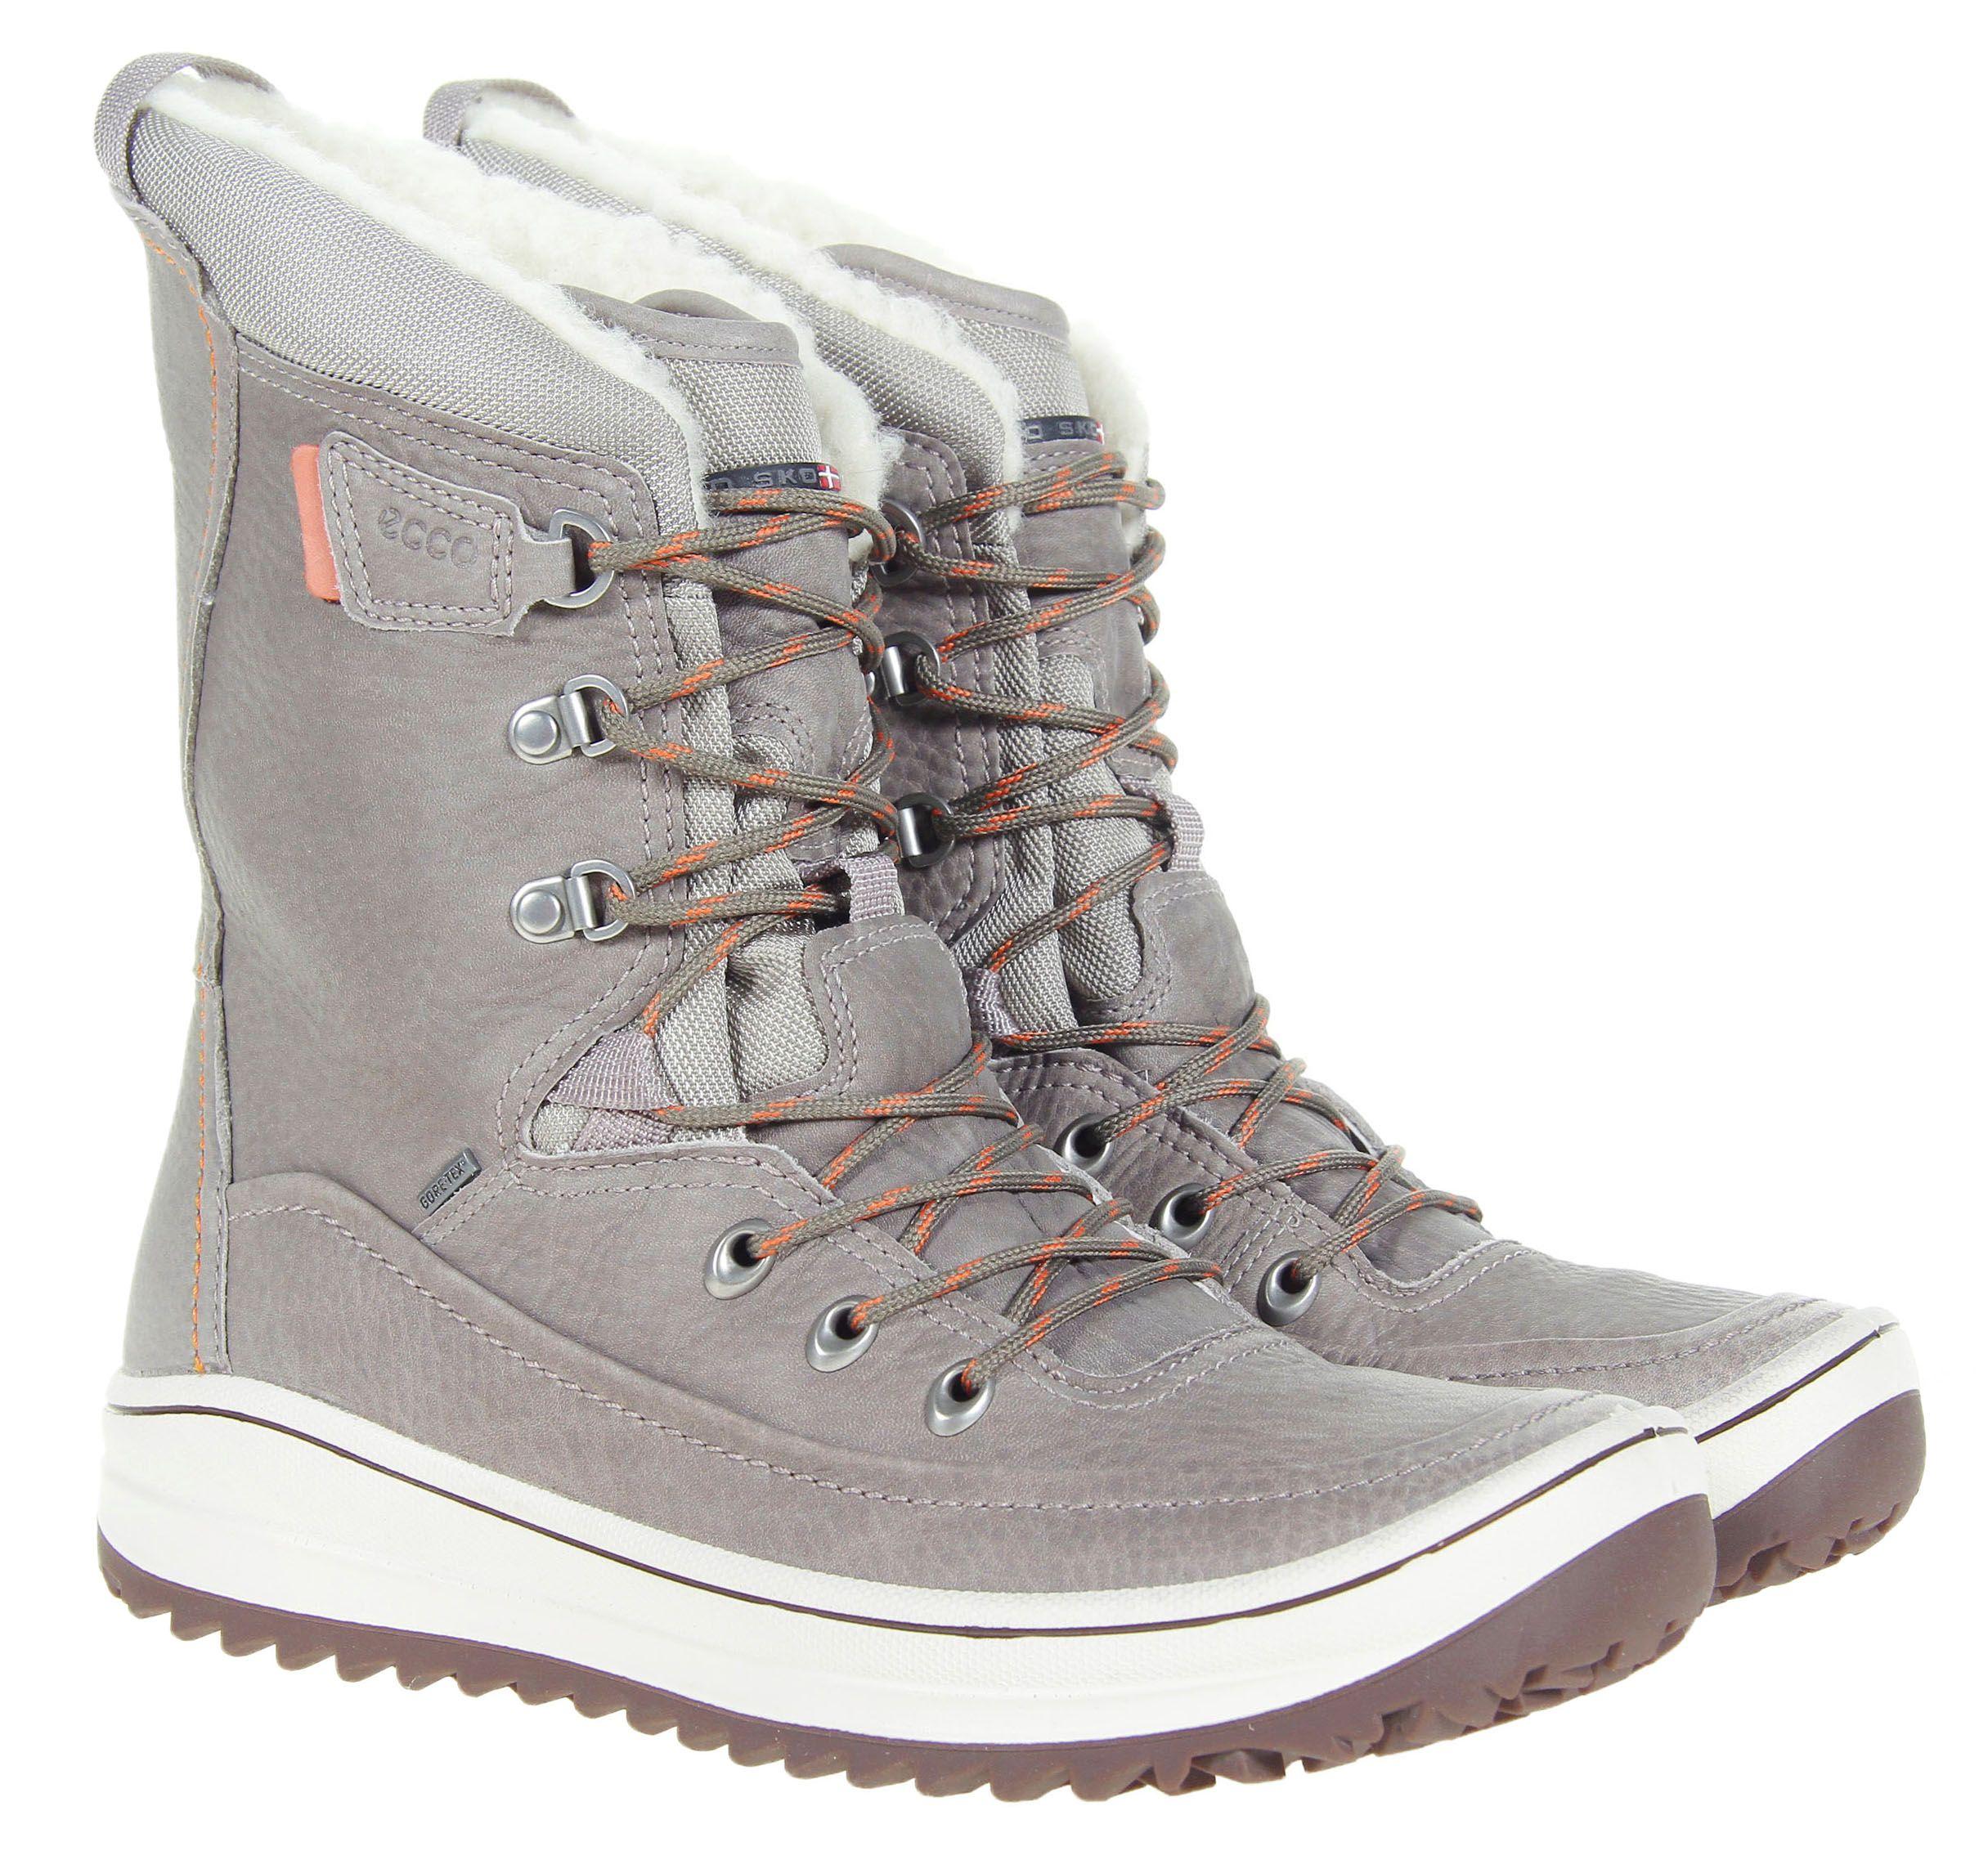 Jasne Sniegowce Ecco Trace Moon Rock Gore Tex Gore Tex Boots Combat Boots